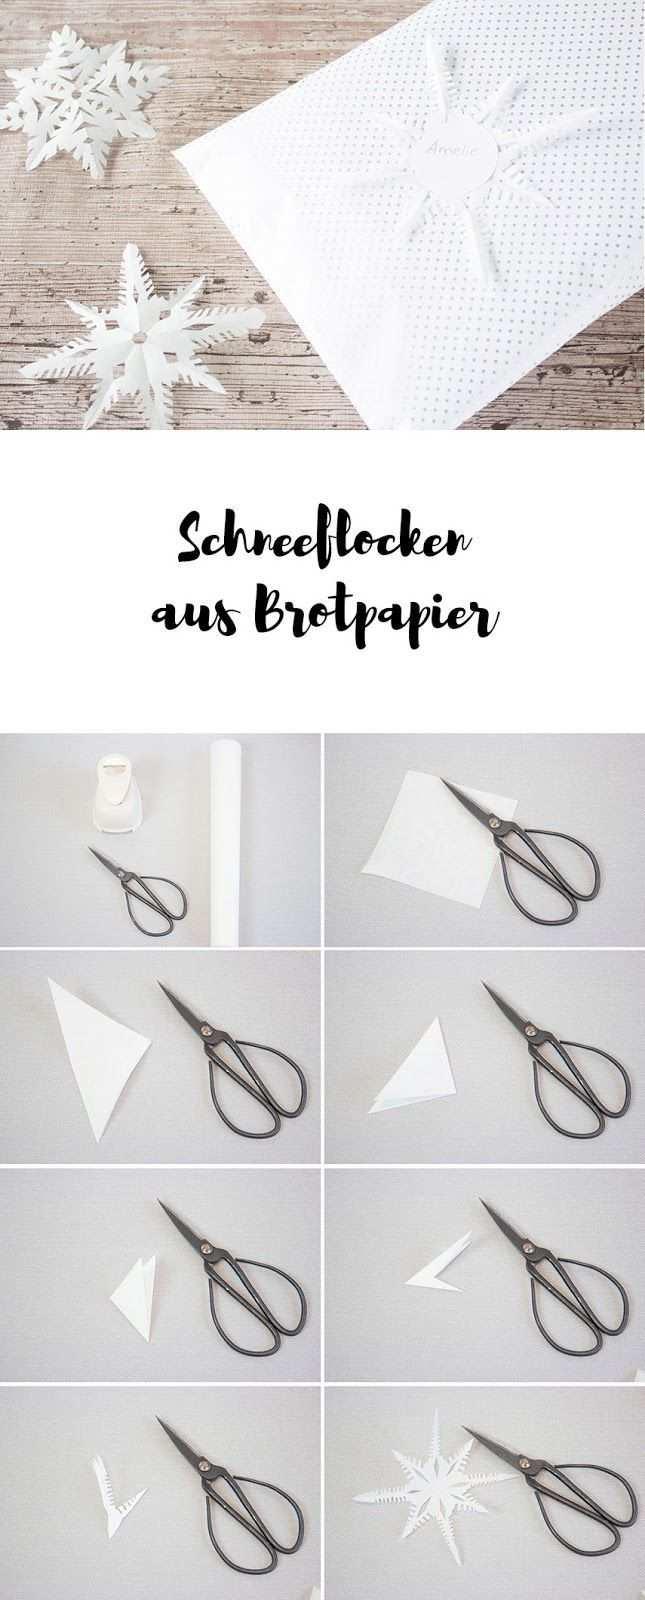 16 Schneeflockchen Geschenke Ars Textura Diy Blog Sterne Basteln Aus Papier Schneeflocken Basteln Papiersterne Basteln